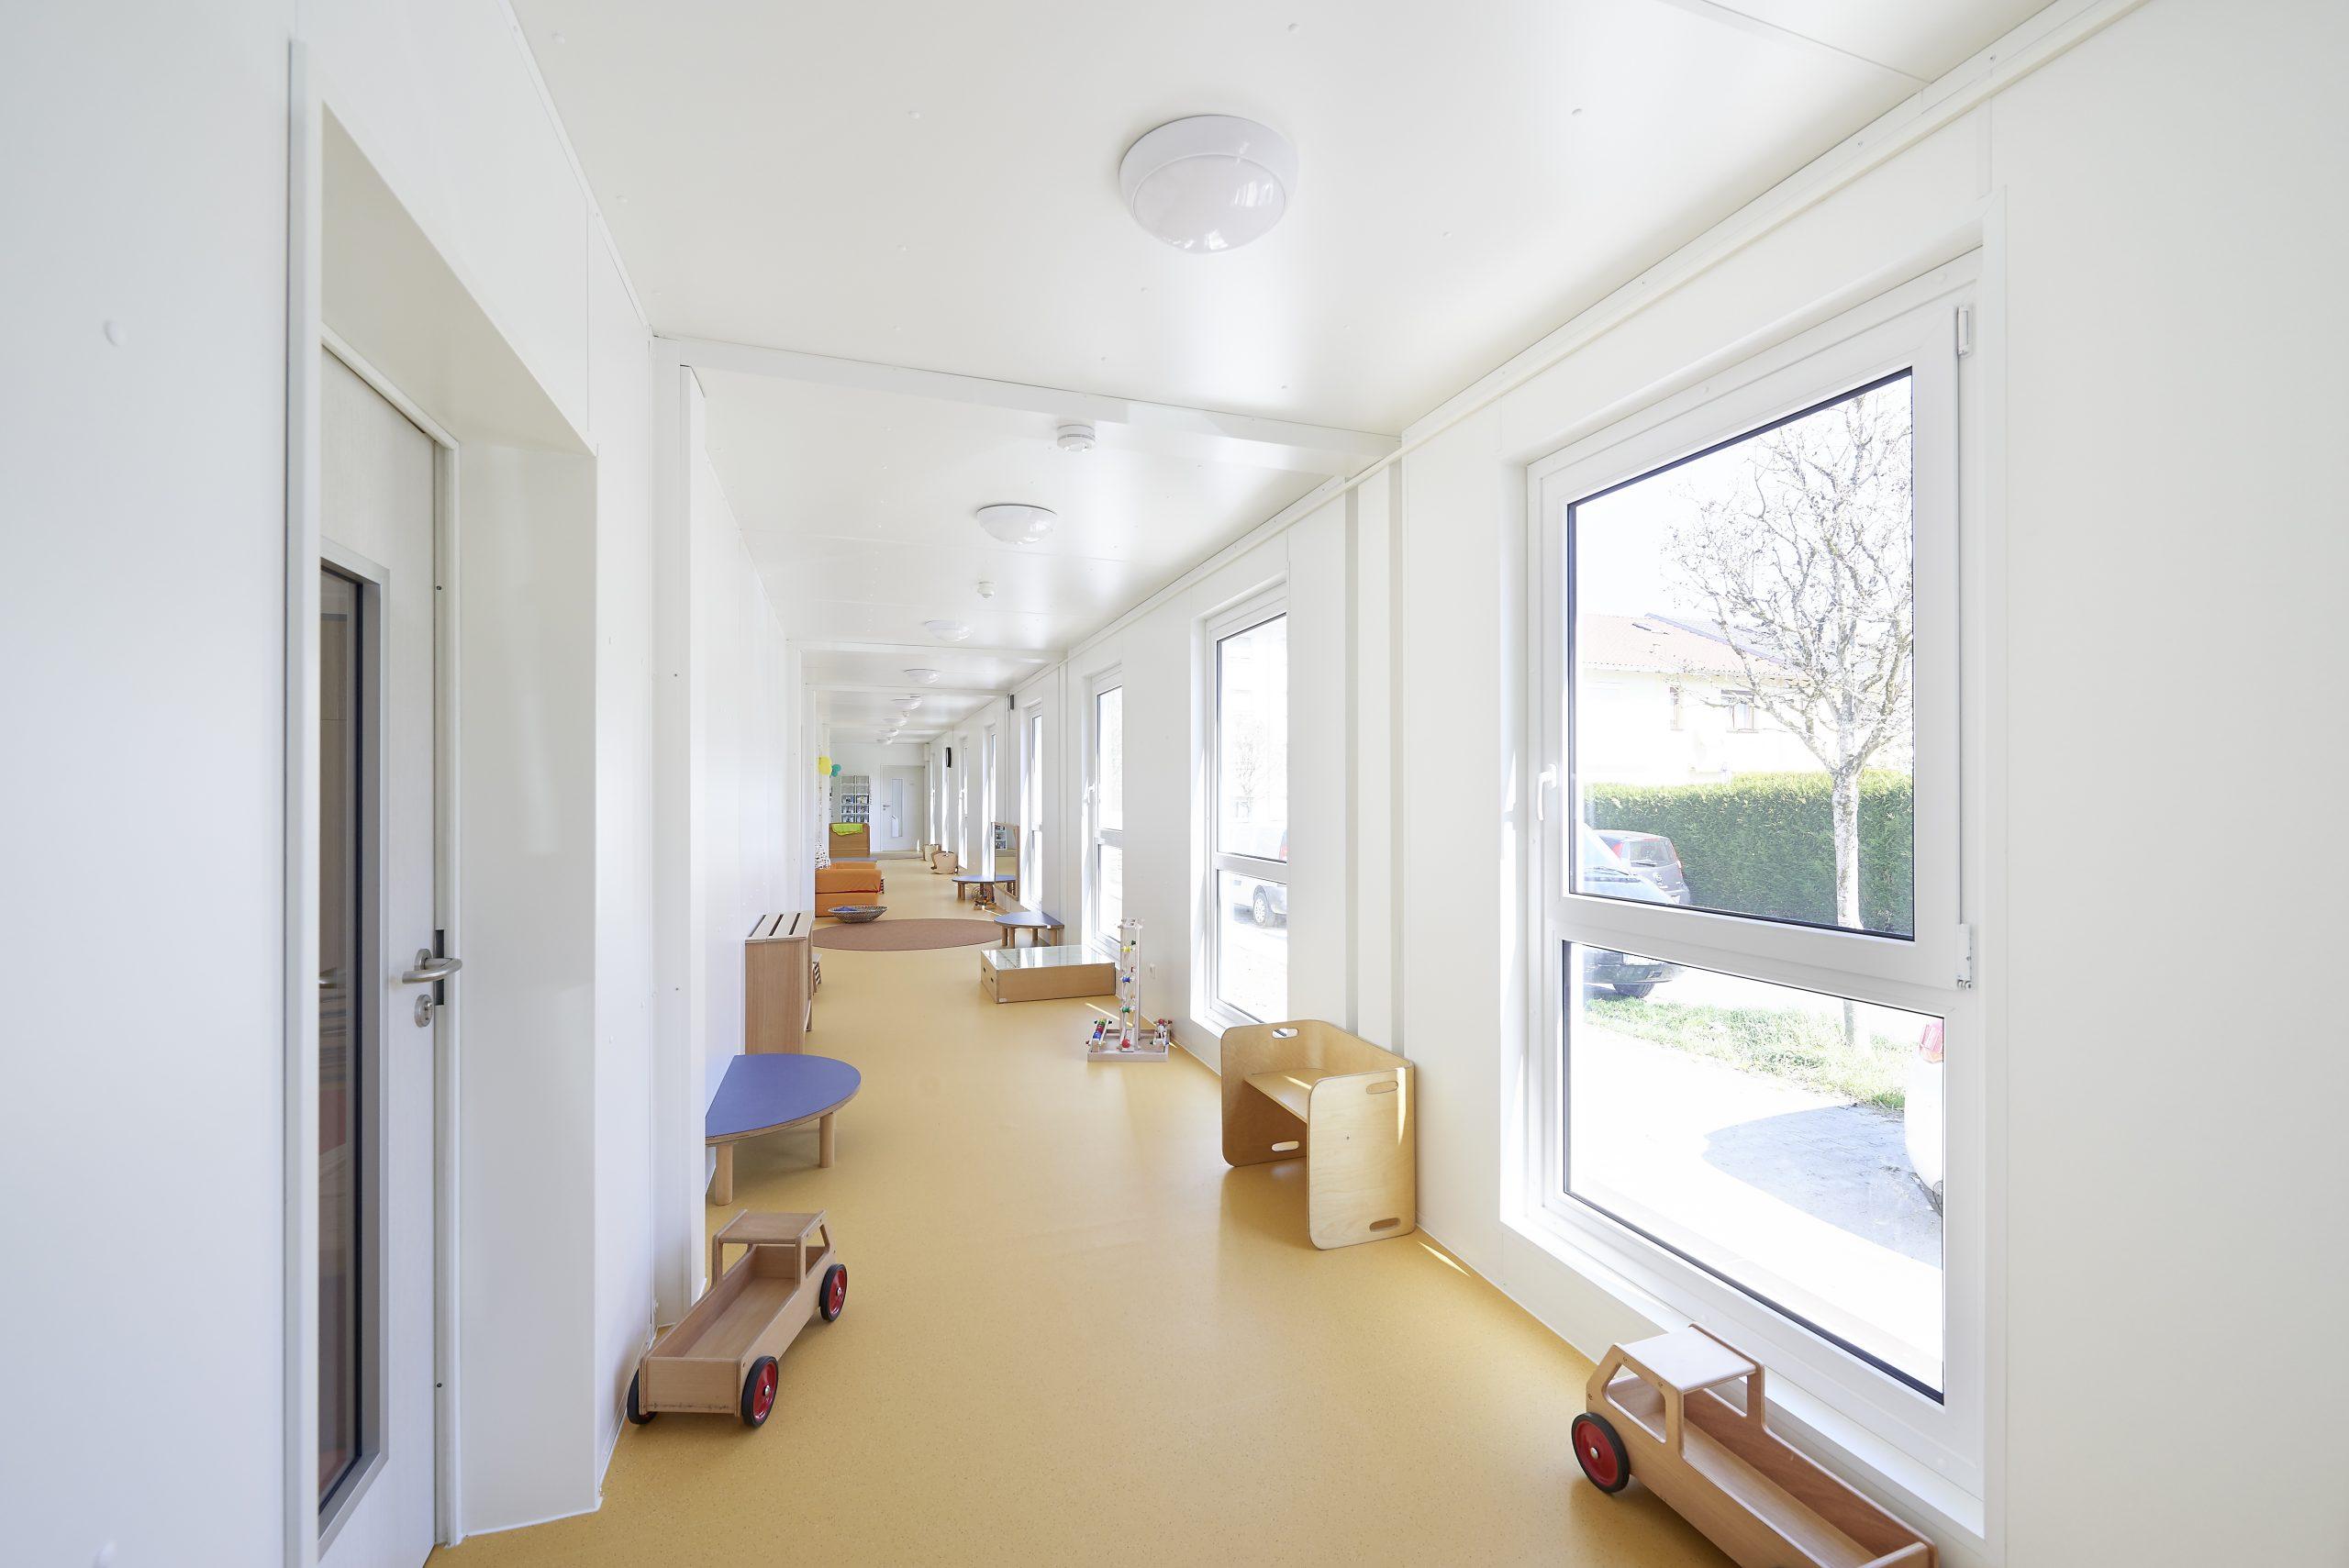 Neubau 3-gruppiger Kindergarten in Reutlingen